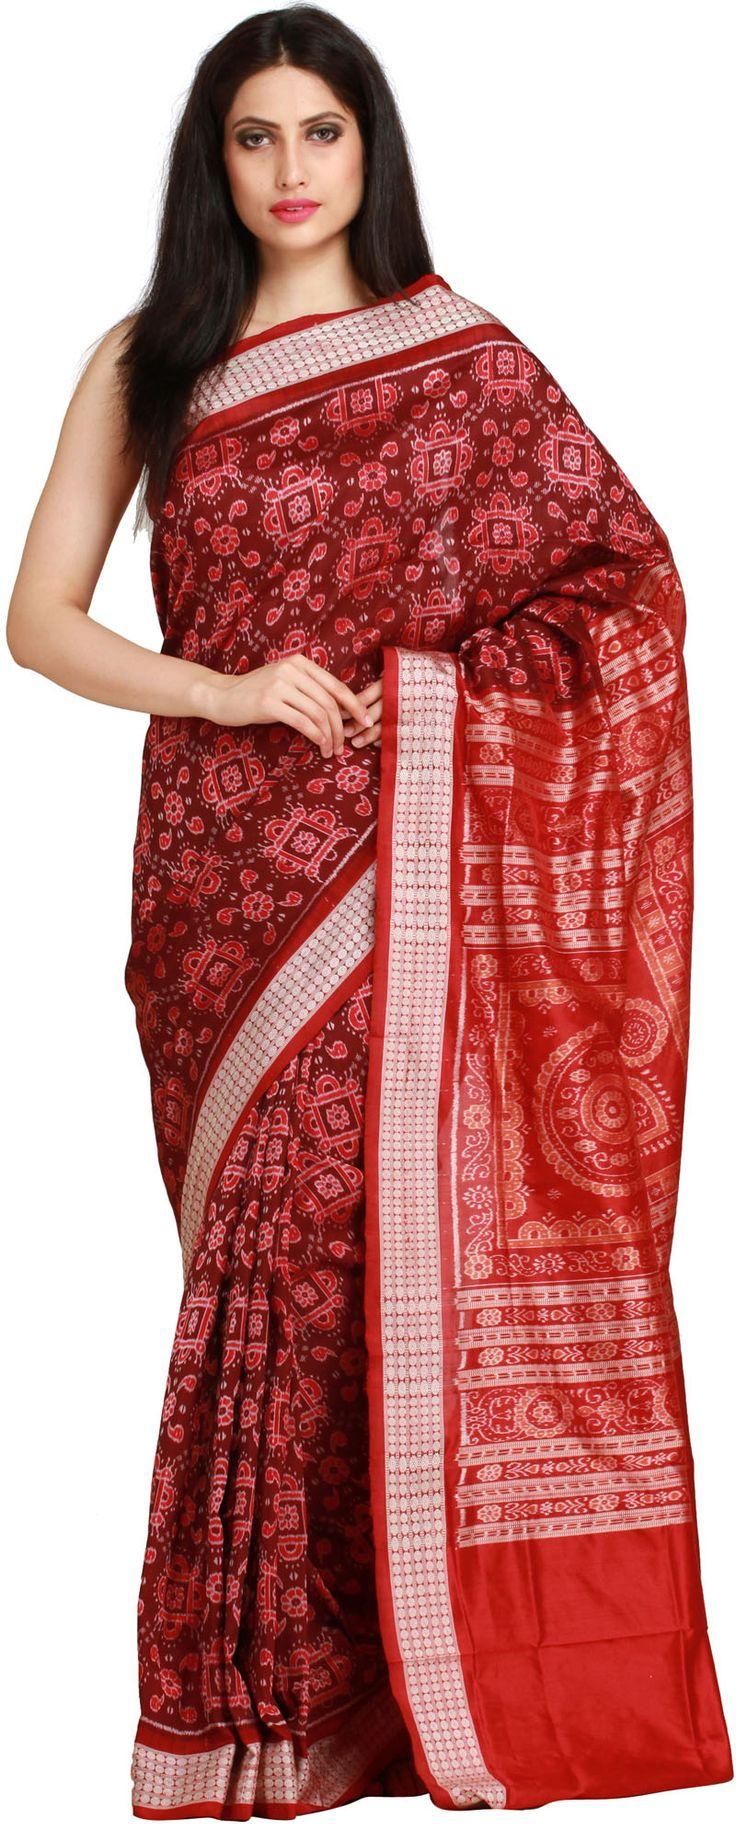 Chocolate and Red Sambhalpuri Handloom Sari from Orissa with Ikat Weave